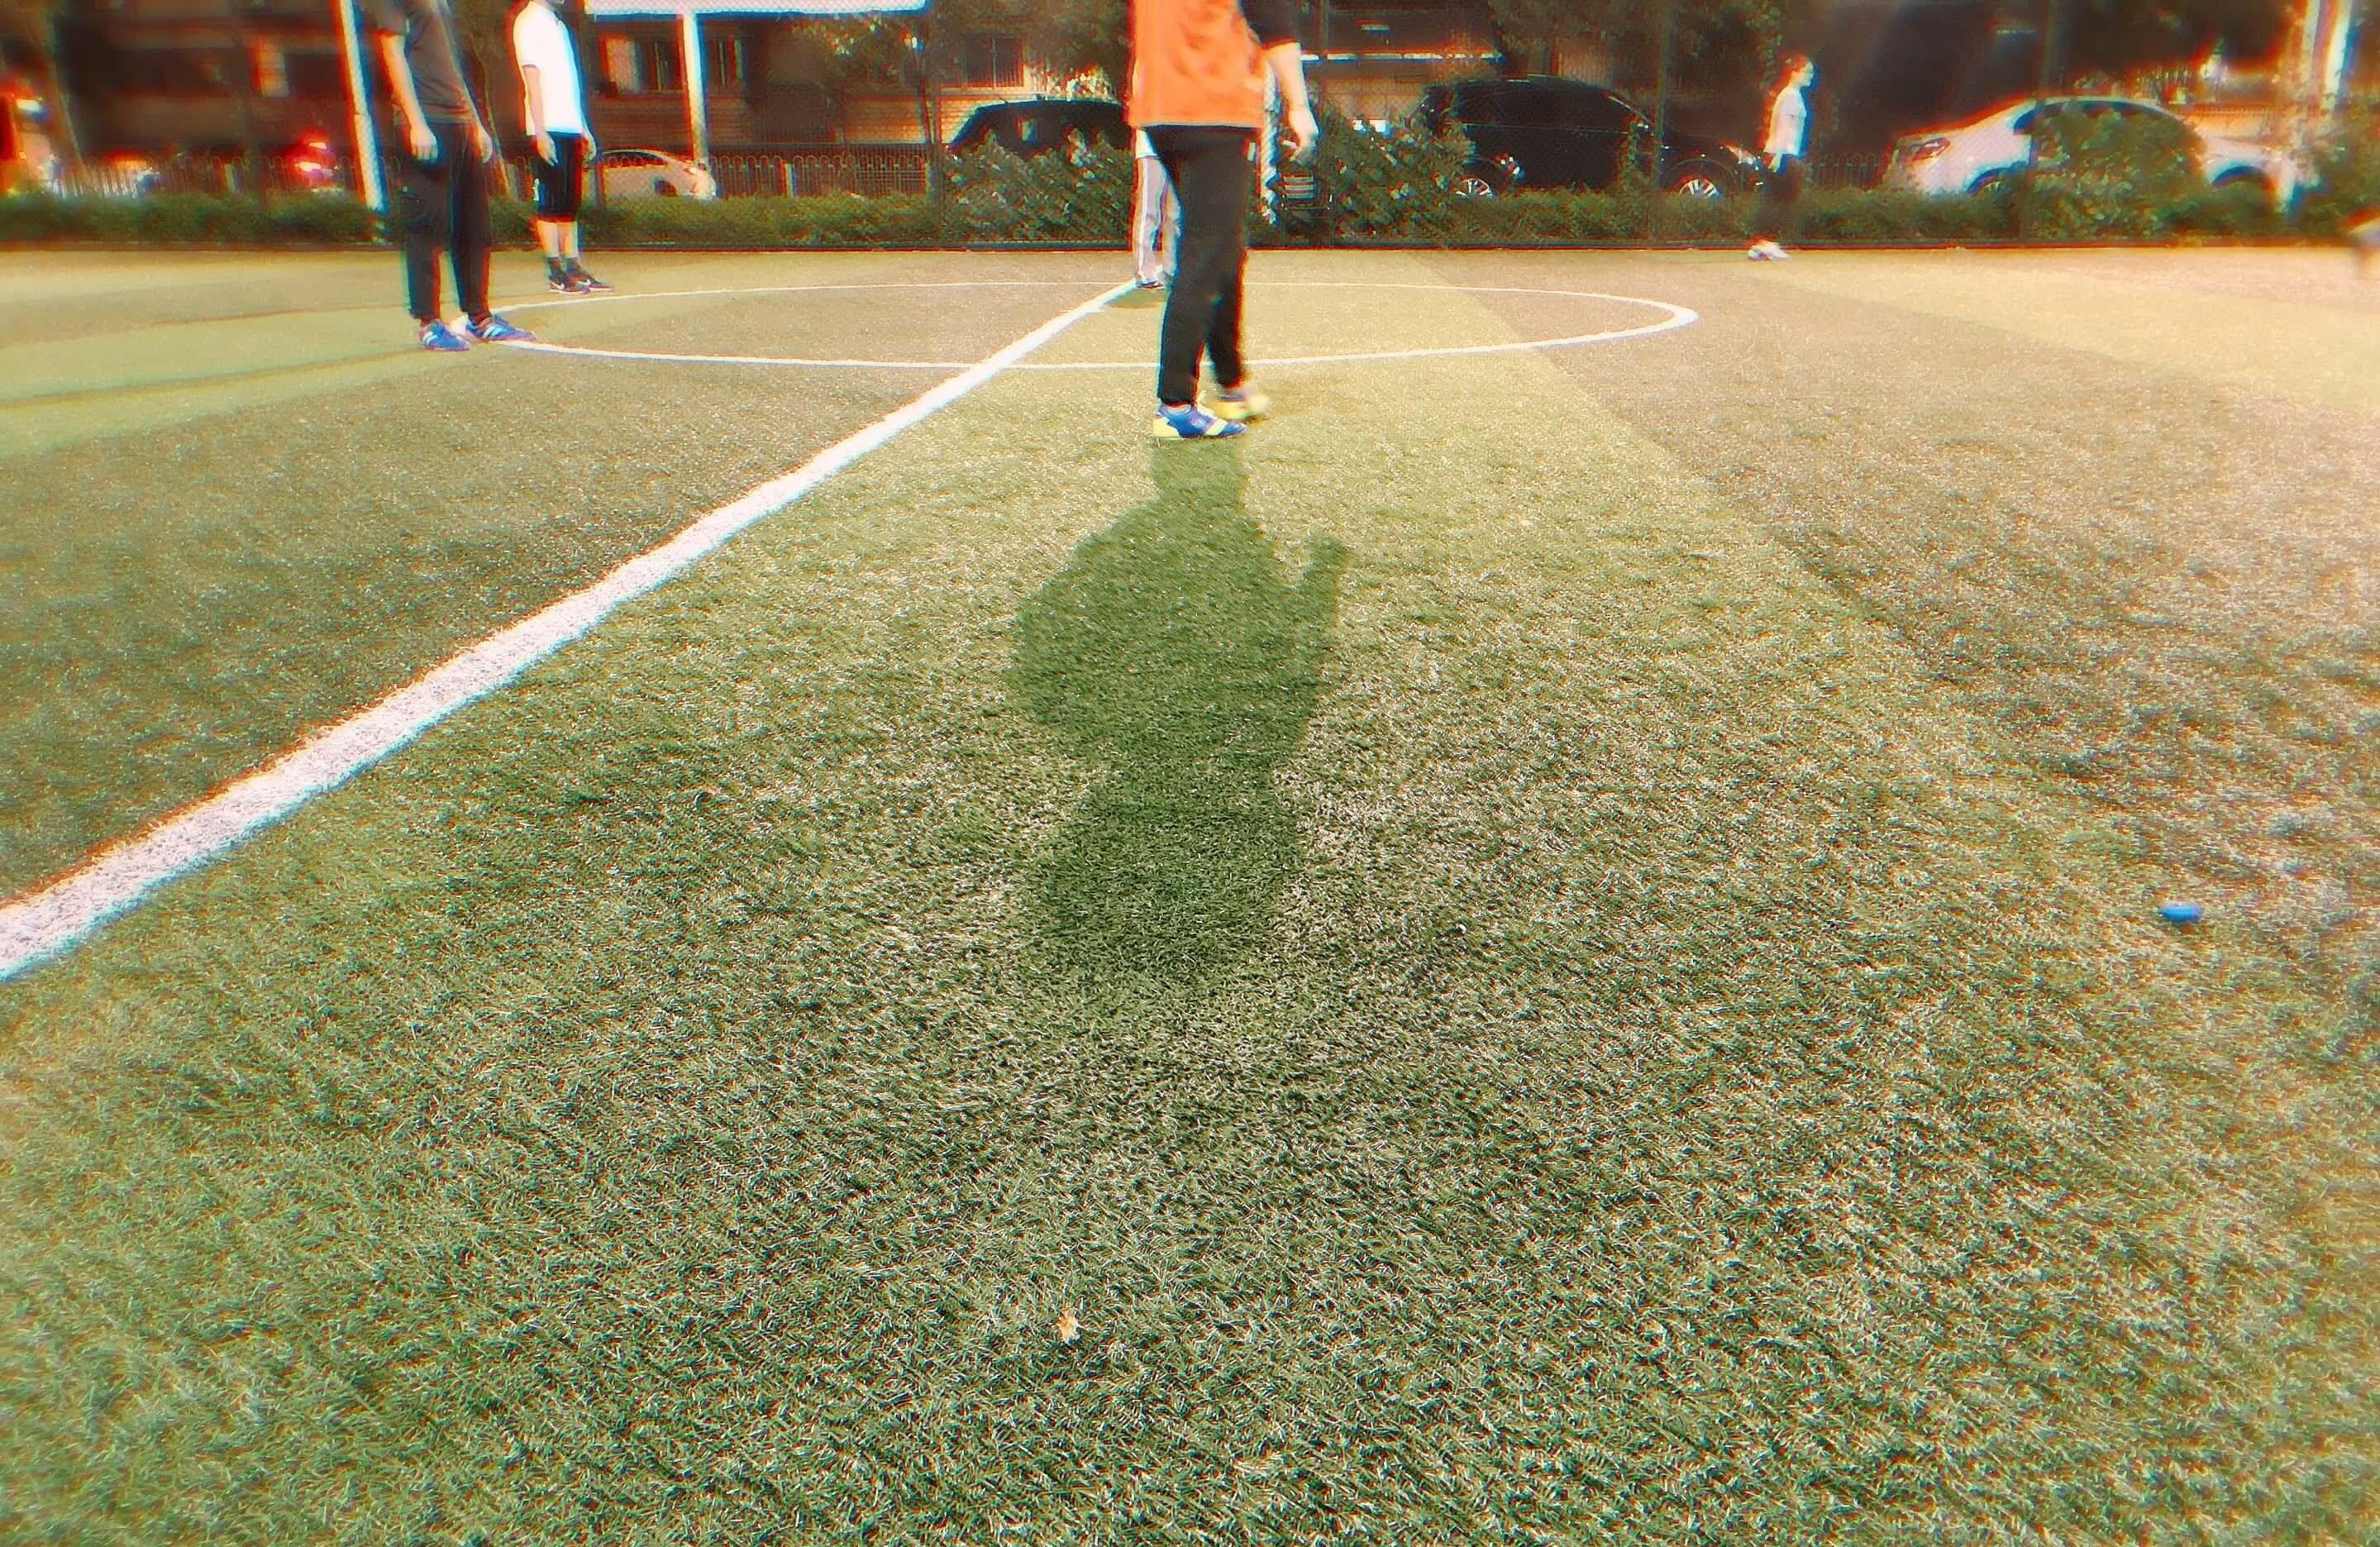 中国でサッカーしている様子